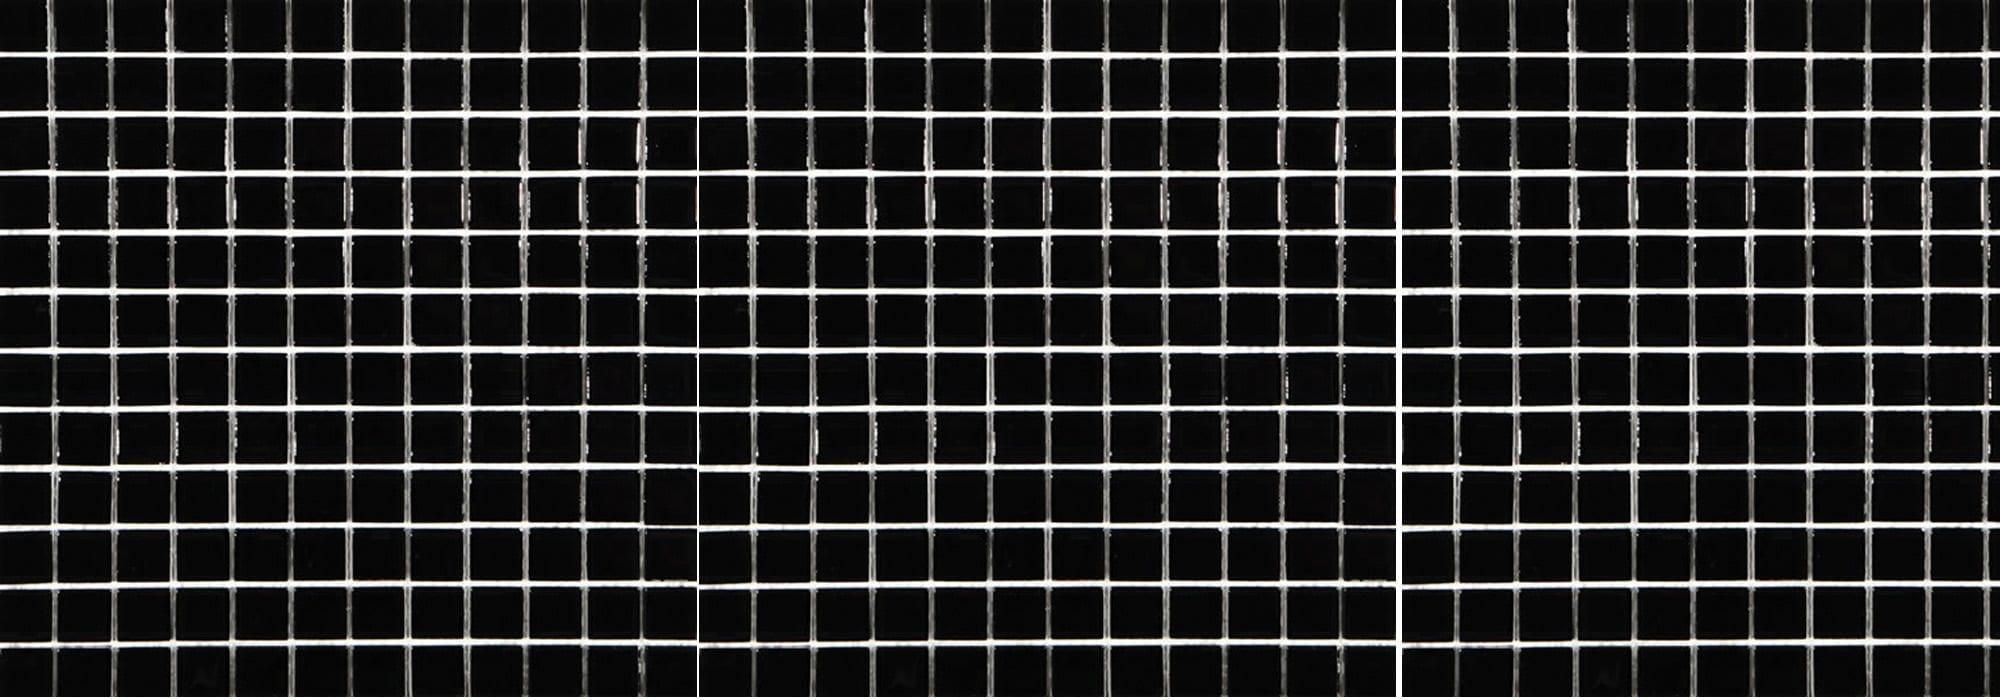 פסיפס פורצלן שחור by Milstone